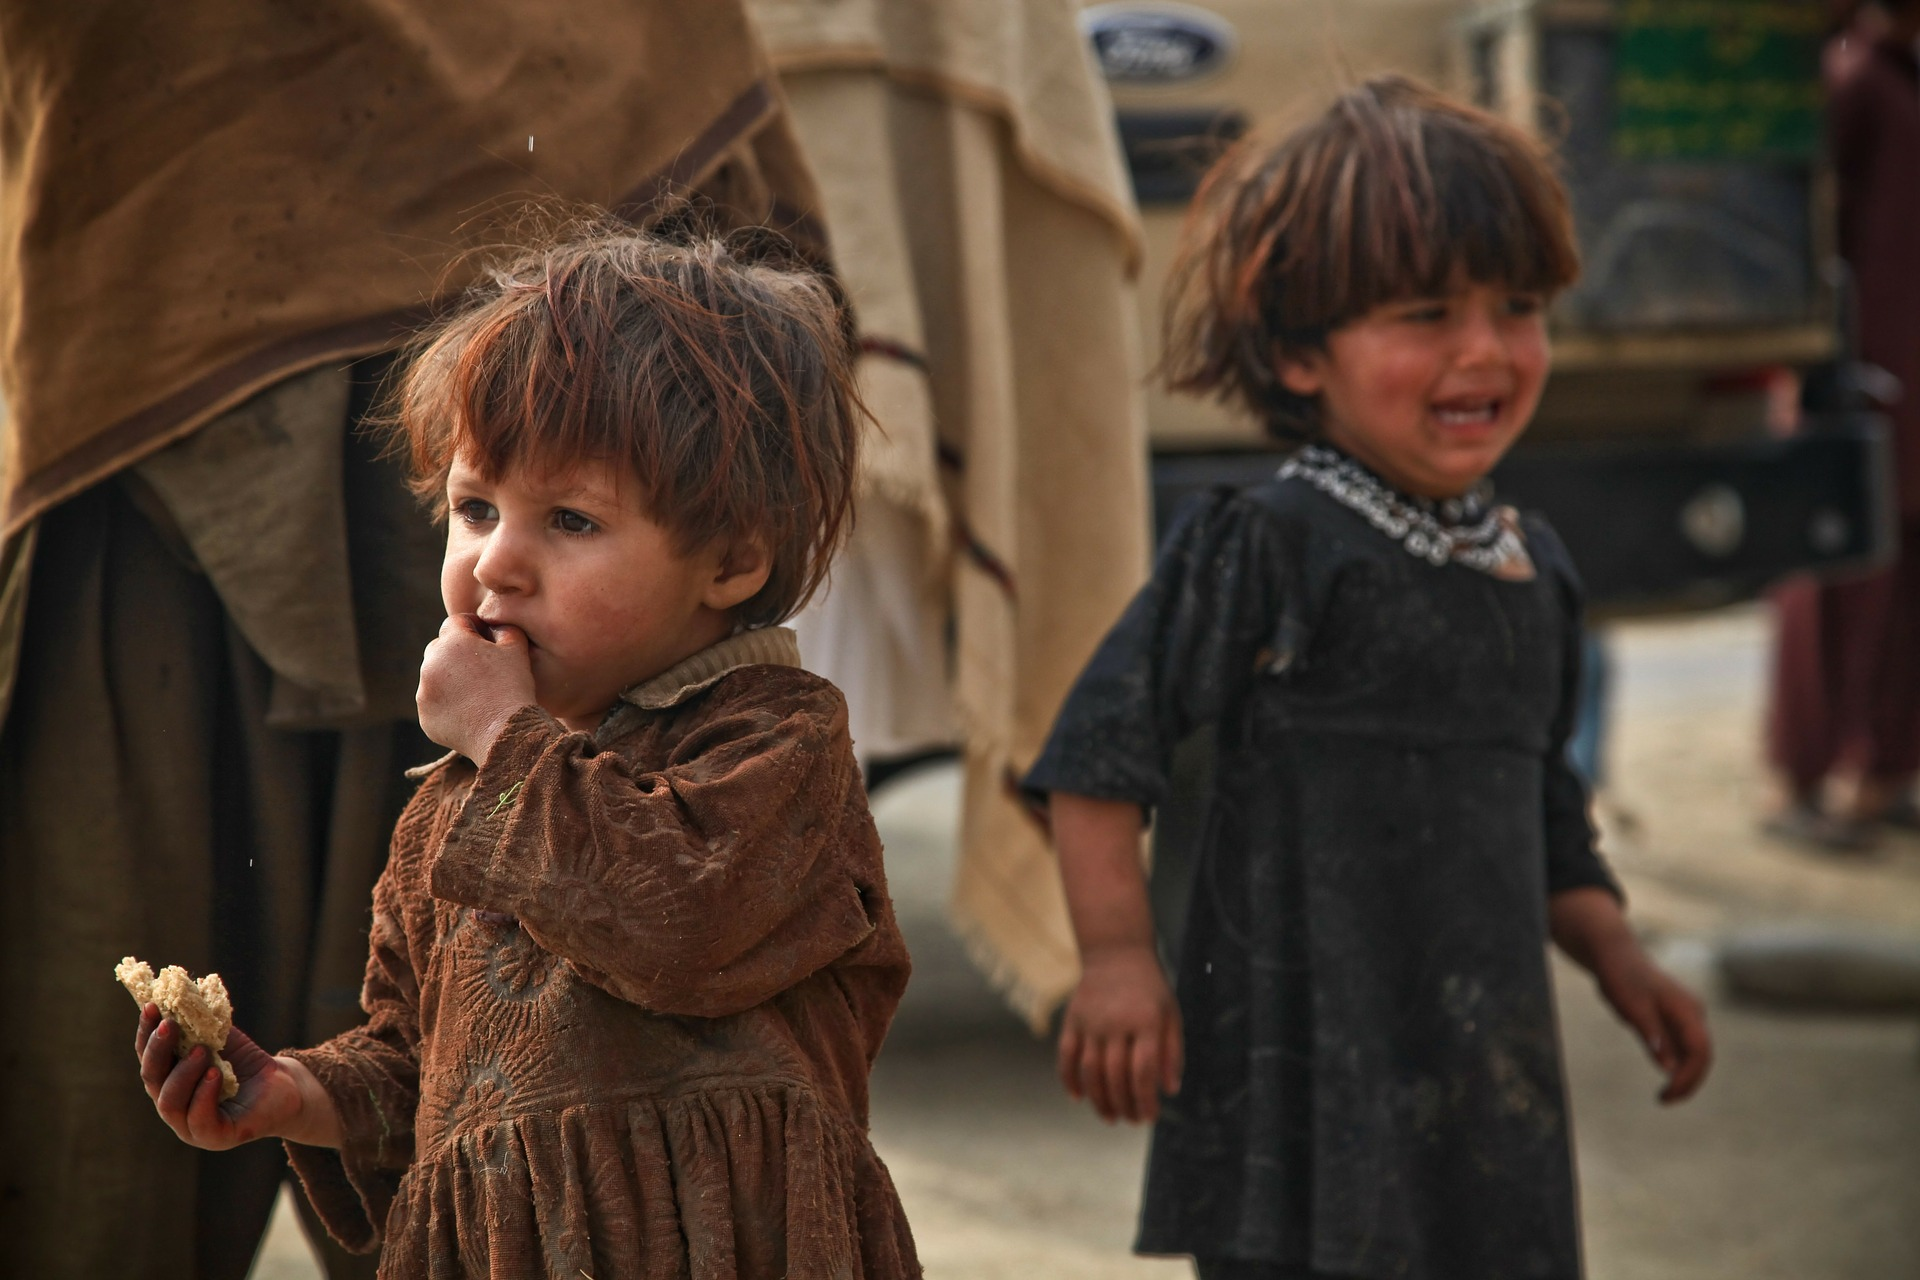 children-60743_1920